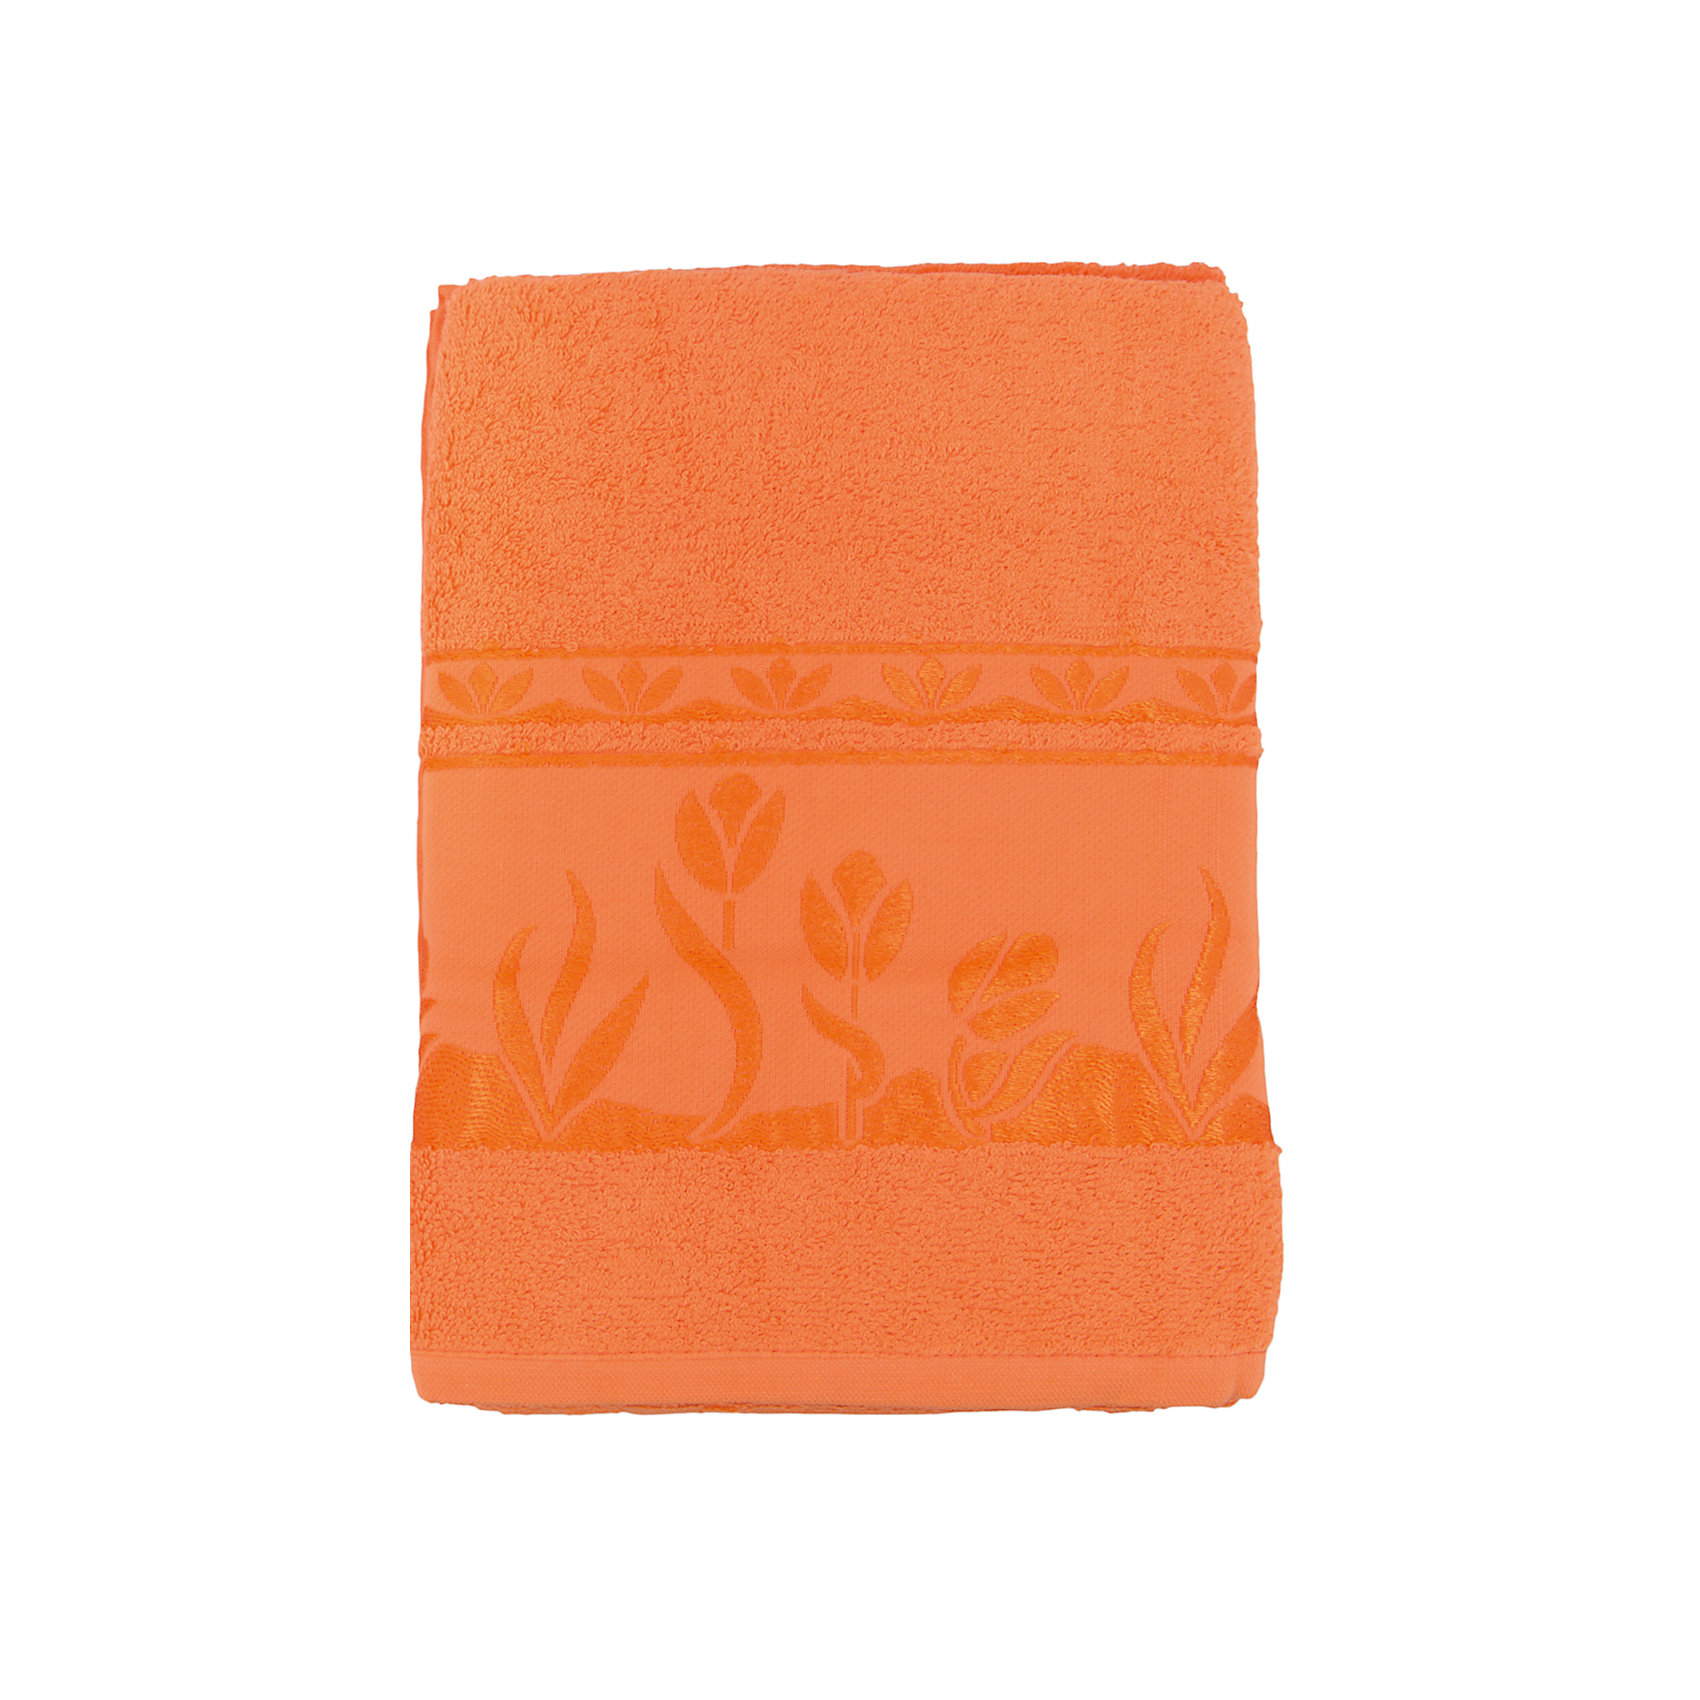 Комплект из 3 махровых полотенец Tulips, Португалия, оранжевыйКомплект махровых полотенец Tulips идеально подойдет для всей семьи. В комплект входят 3 полотенца разных размеров. Все изделия очень мягкие, изготовлены из качественного хлопка и очень приятны телу. Украшены красивым орнаментом по краю. Отличный вариант для вашей ванной комнаты!<br><br>Дополнительная информация:<br>Материал: 100% хлопок<br>Цвет: оранжевый<br>Размеры: 40х75; 50х100; 70х140 см<br>Торговая марка: Португалия<br><br>Вы можете купить комплект из 3-х махровых полотенец Tulips в нашем интернет-магазине.<br><br>Ширина мм: 500<br>Глубина мм: 500<br>Высота мм: 200<br>Вес г: 700<br>Возраст от месяцев: 0<br>Возраст до месяцев: 144<br>Пол: Унисекс<br>Возраст: Детский<br>SKU: 5010909